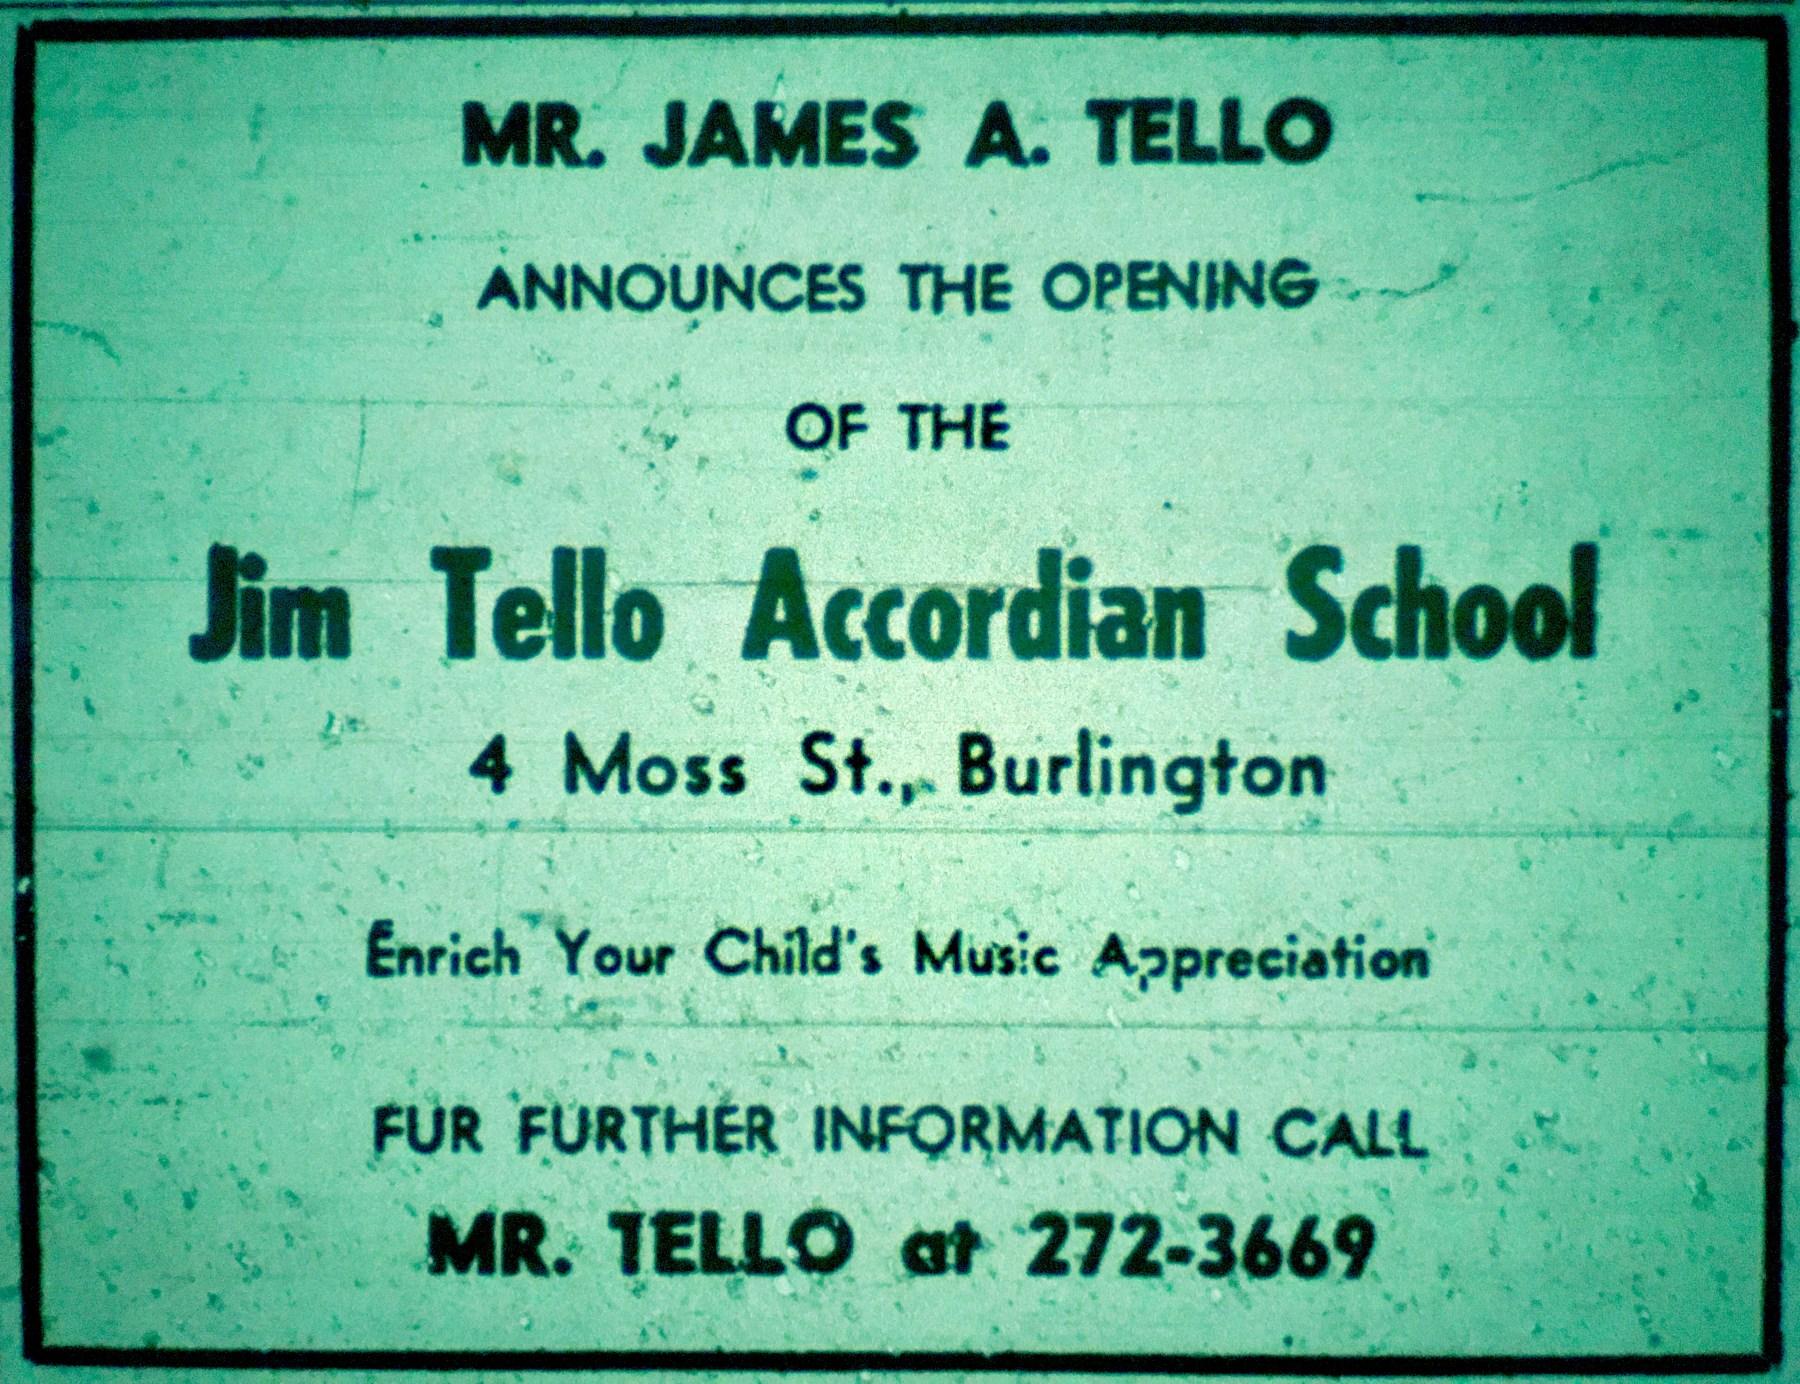 James Tello Accordian School, Burlington mA